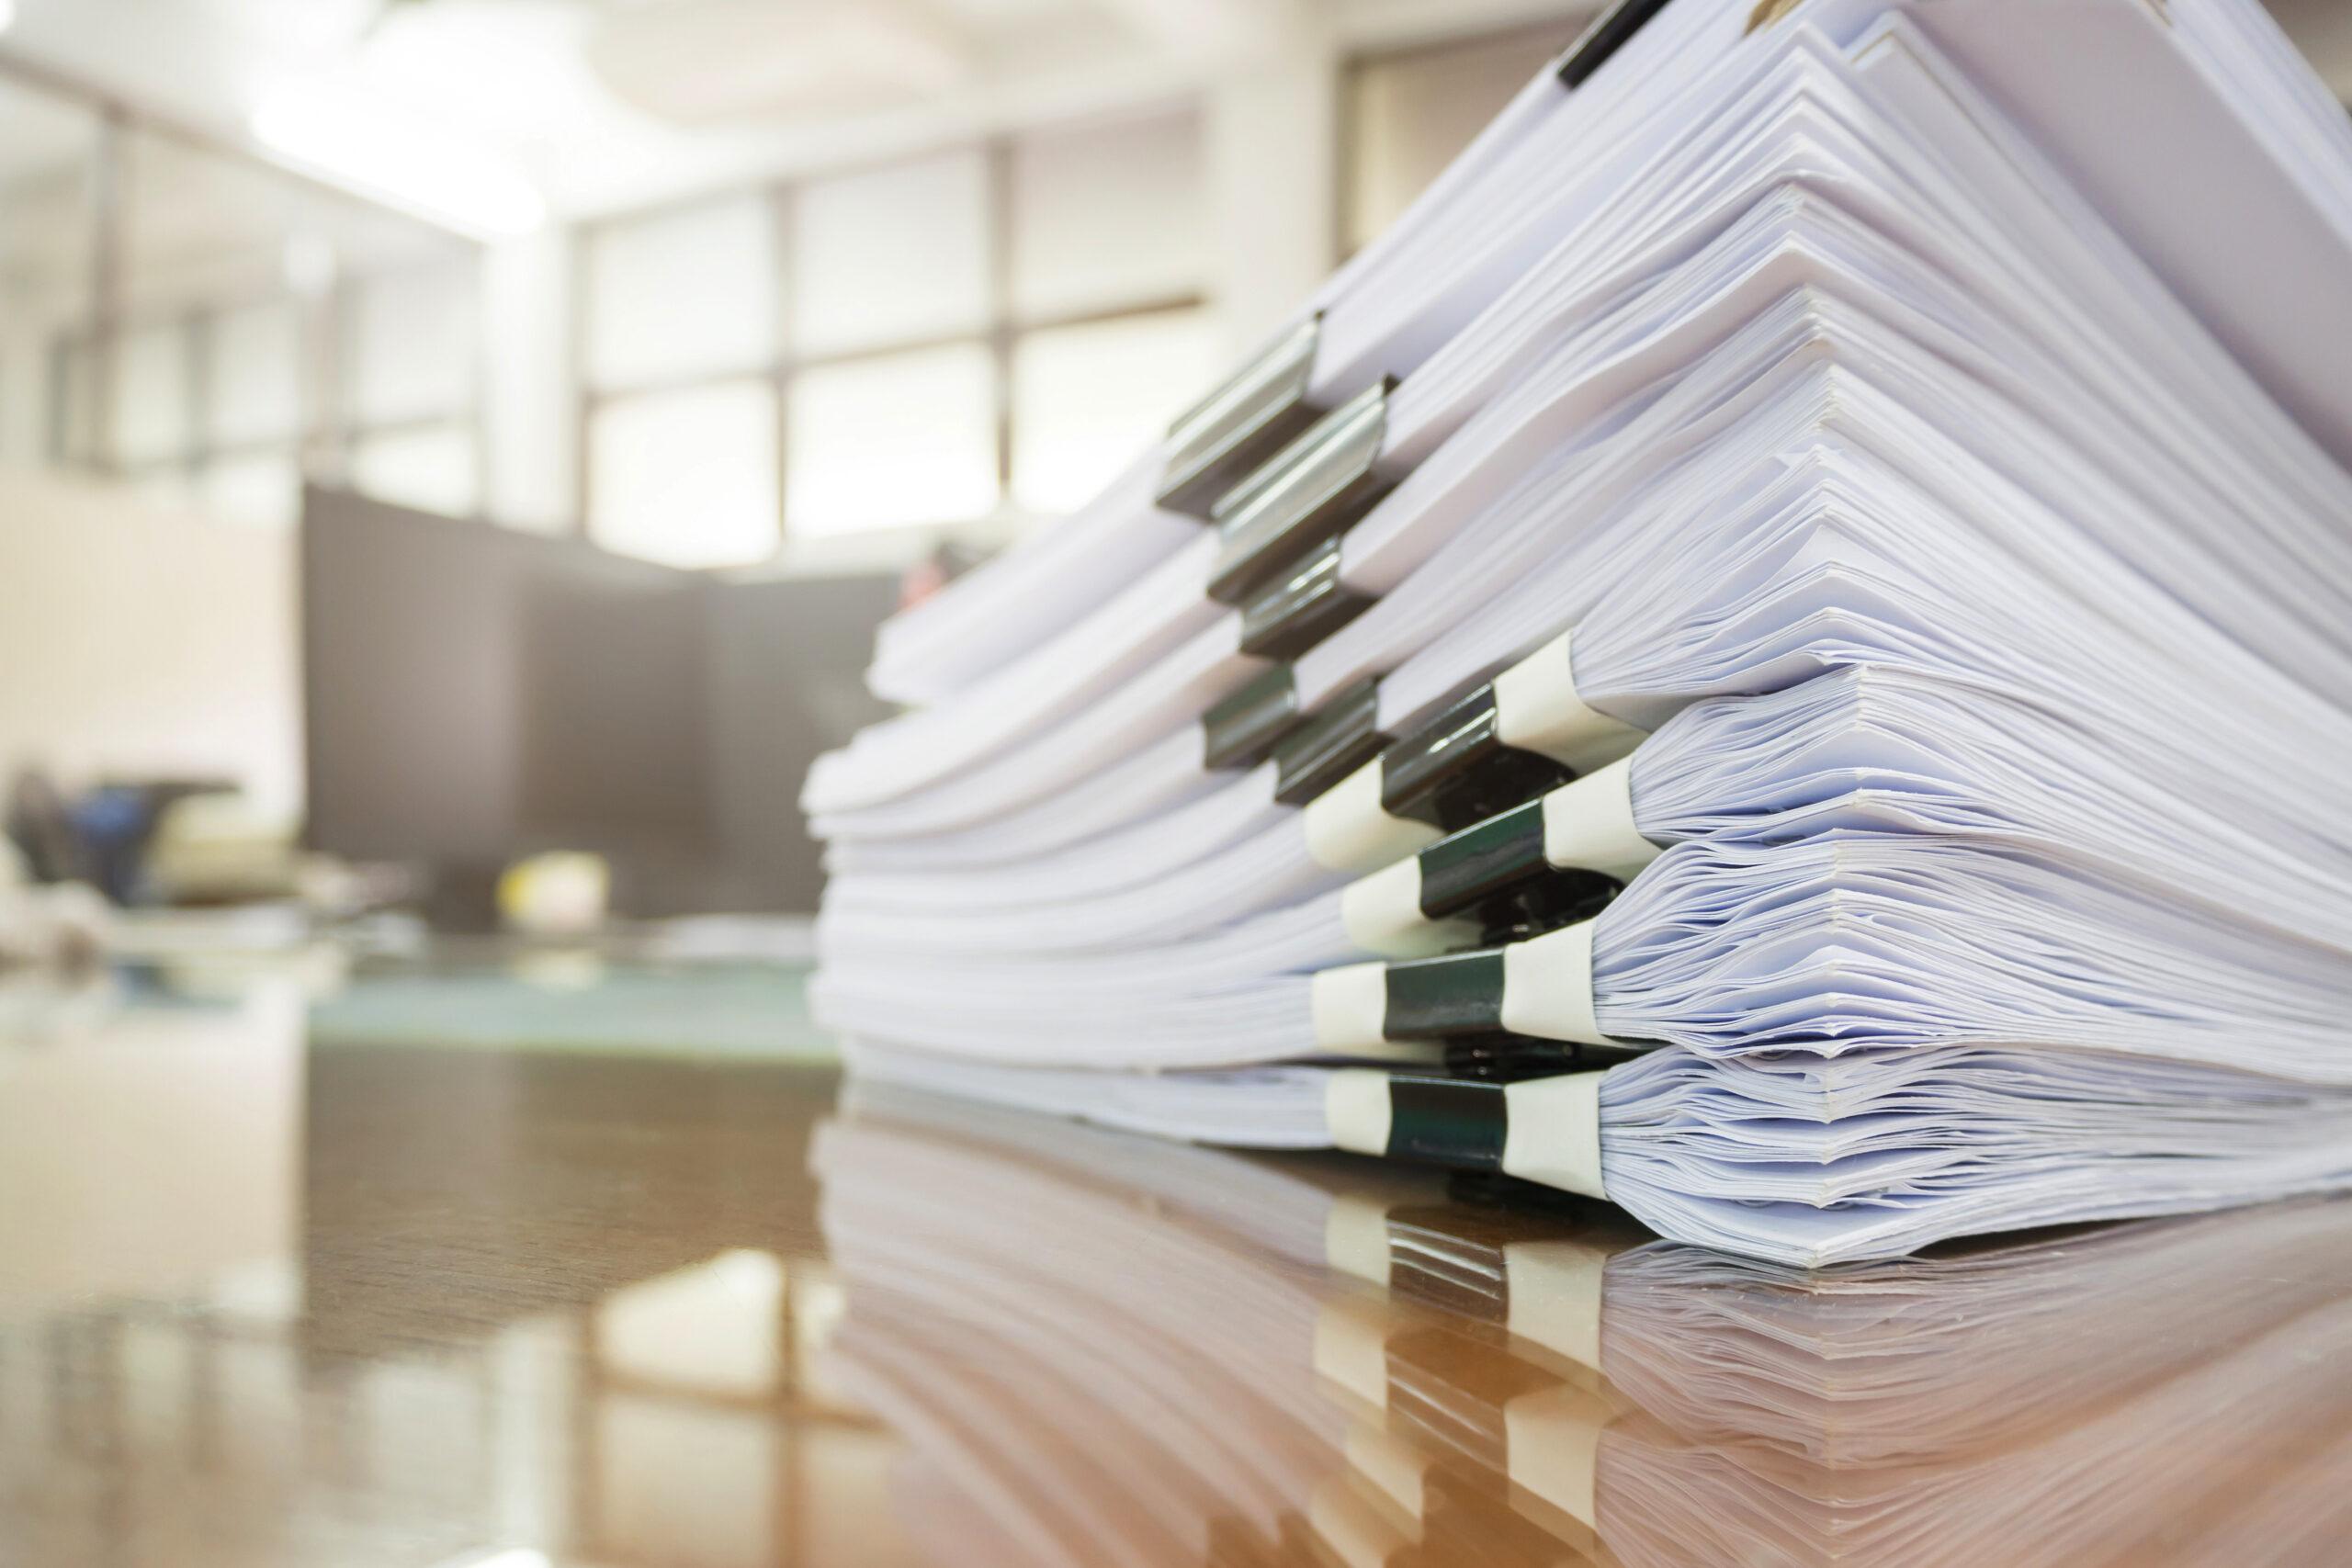 Εxemption of foreign tax residents from the obligation to submit the Assets Means of Declaration